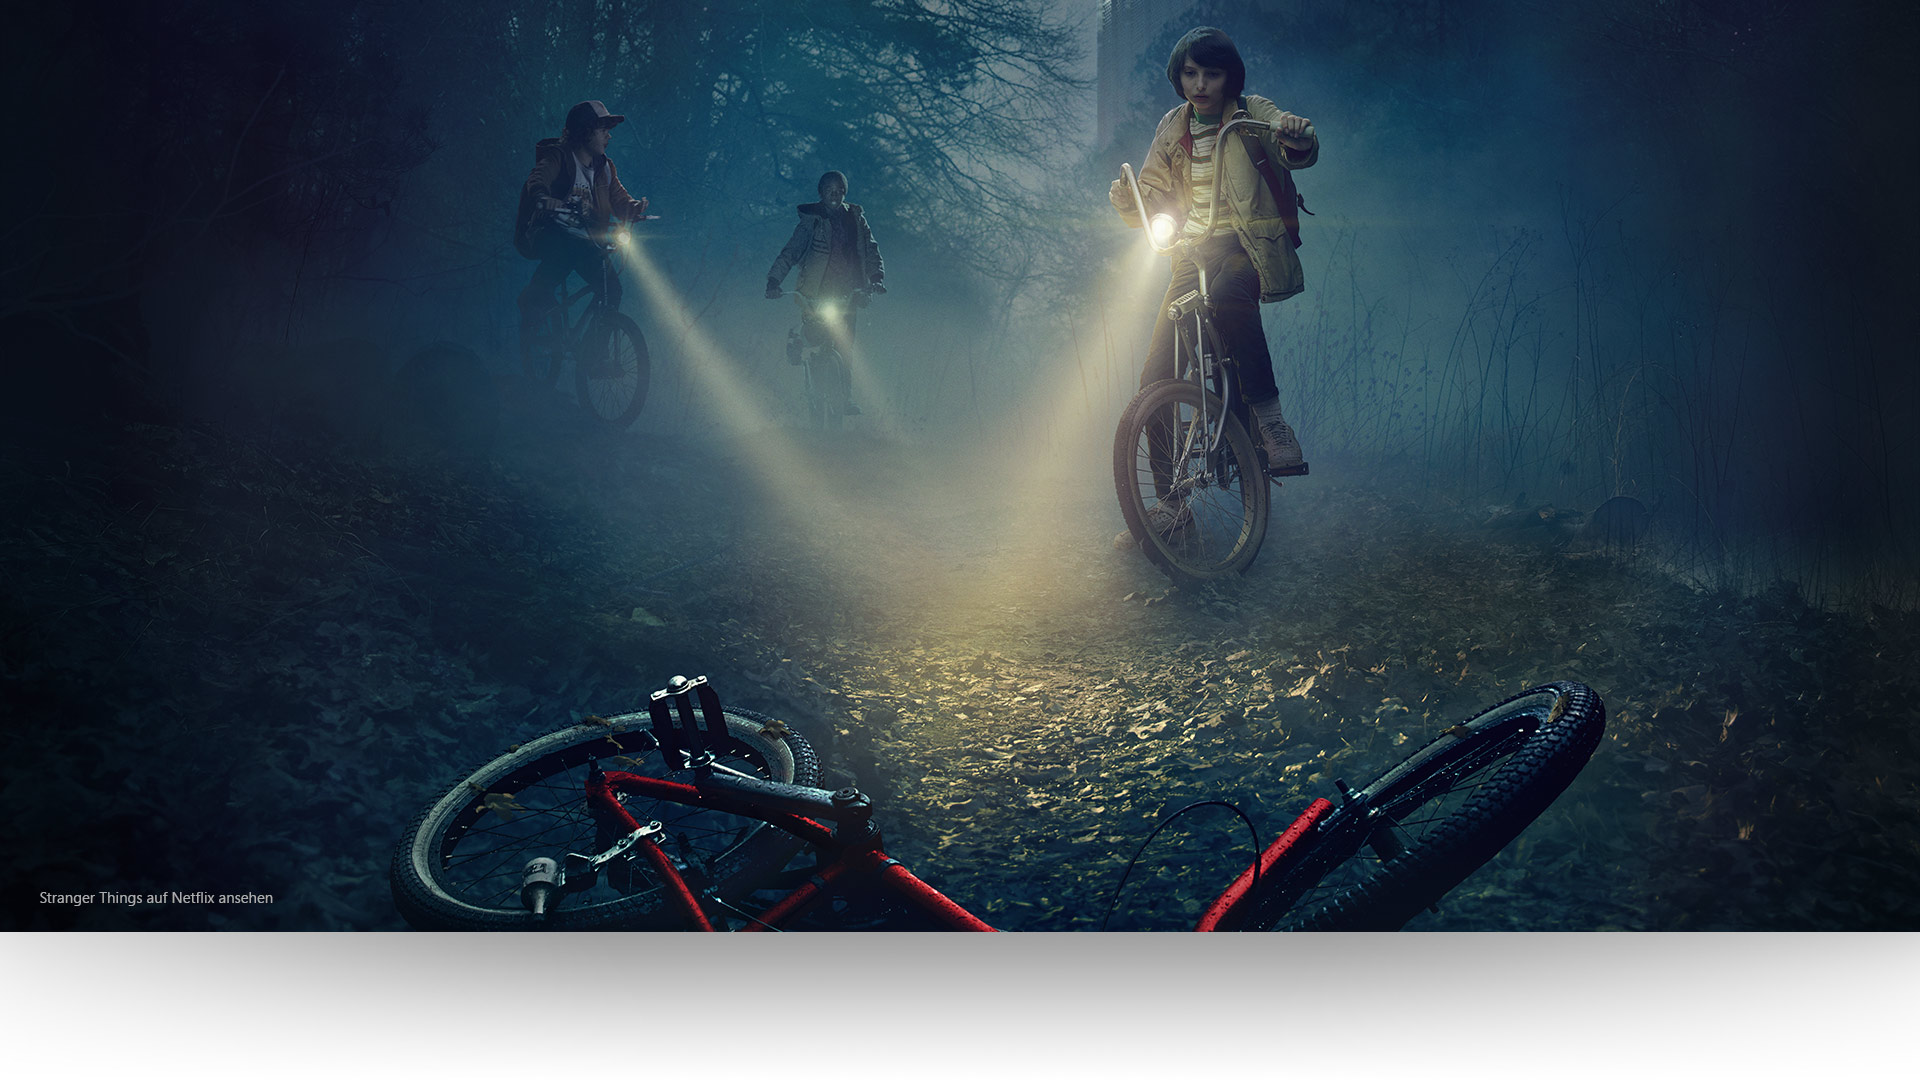 Kinder auf Fahrrädern finden ein verlorenes Fahrrad– Stranger Things auf Netflix ansehen